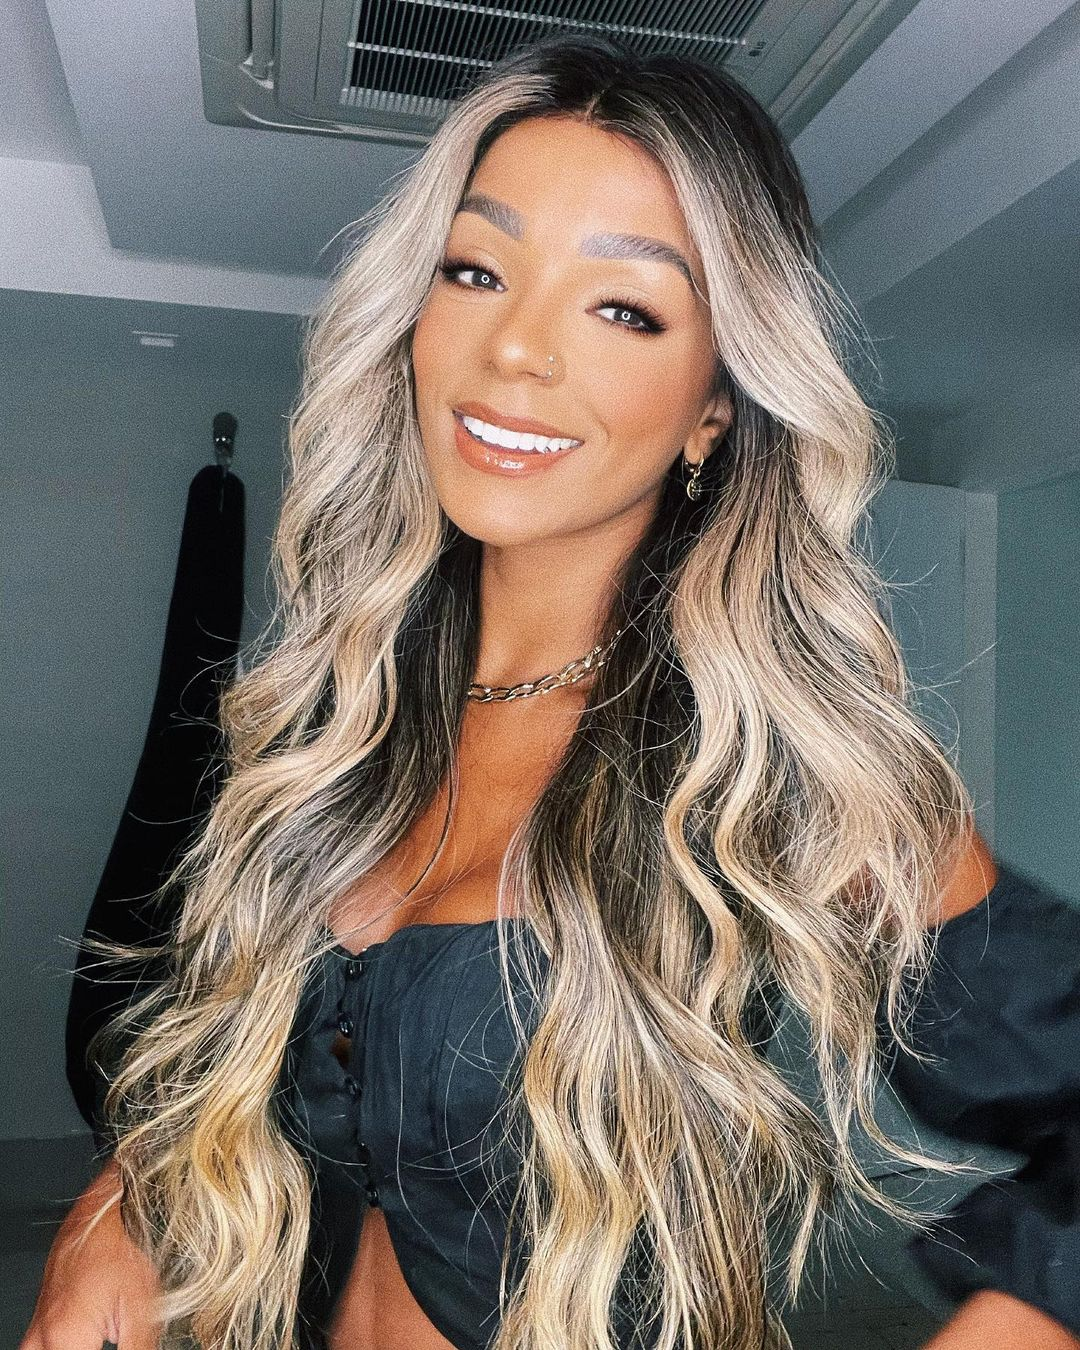 Brunna Gonçalves é modelo e dançarina (Foto: Instagram @brunnagoncalves)